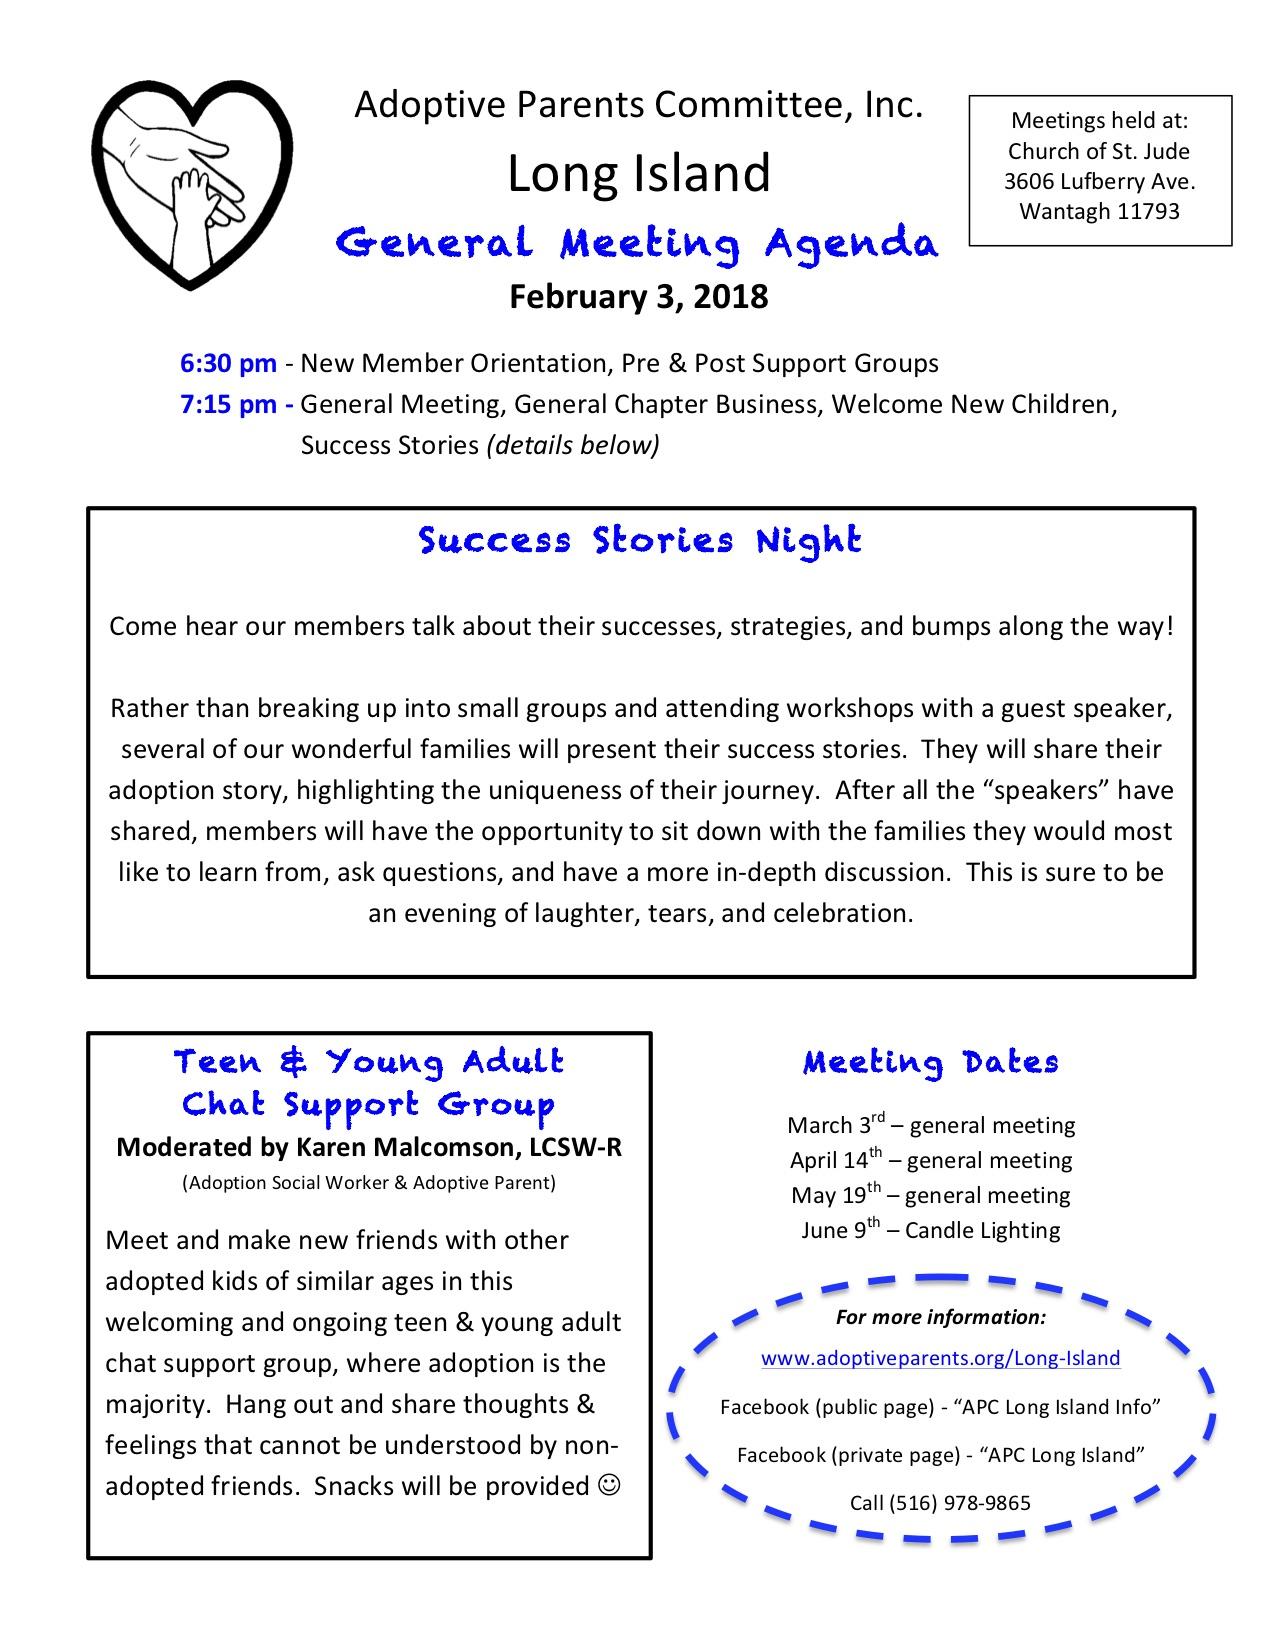 2-2018 agenda.jpg